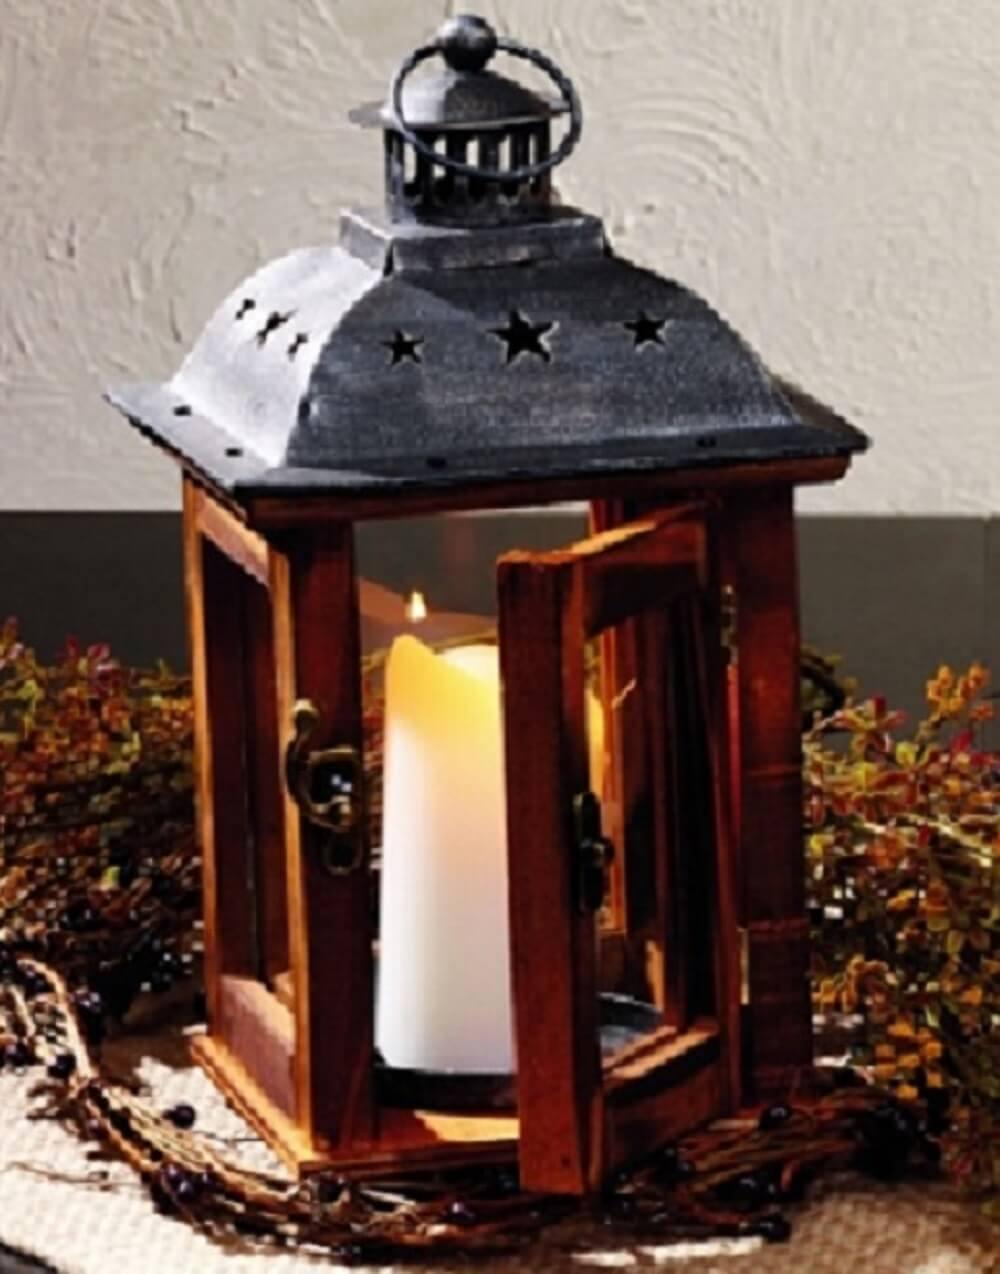 Small Vintage Lake Lantern Teton Timberline Trading